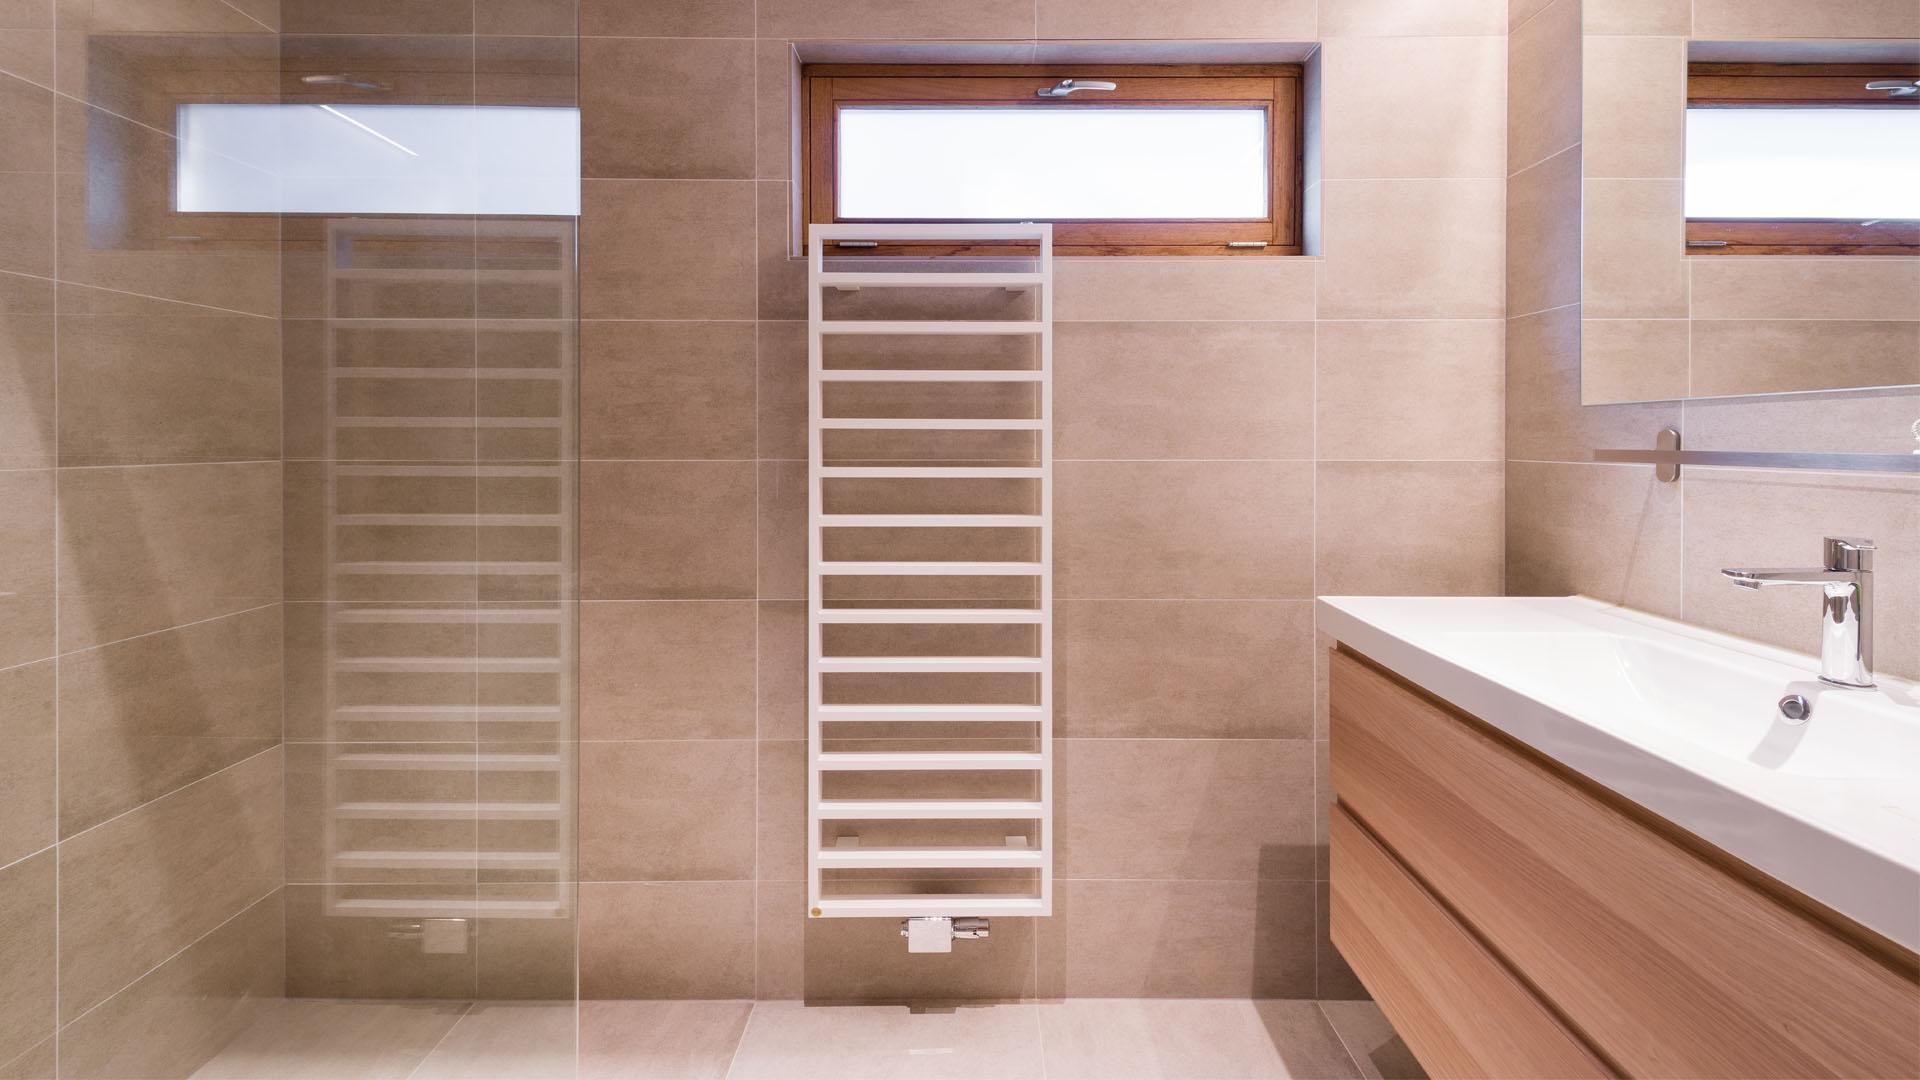 Badkamer Tuinhuis Compact | Wijnja Groep Bouw & Interieur